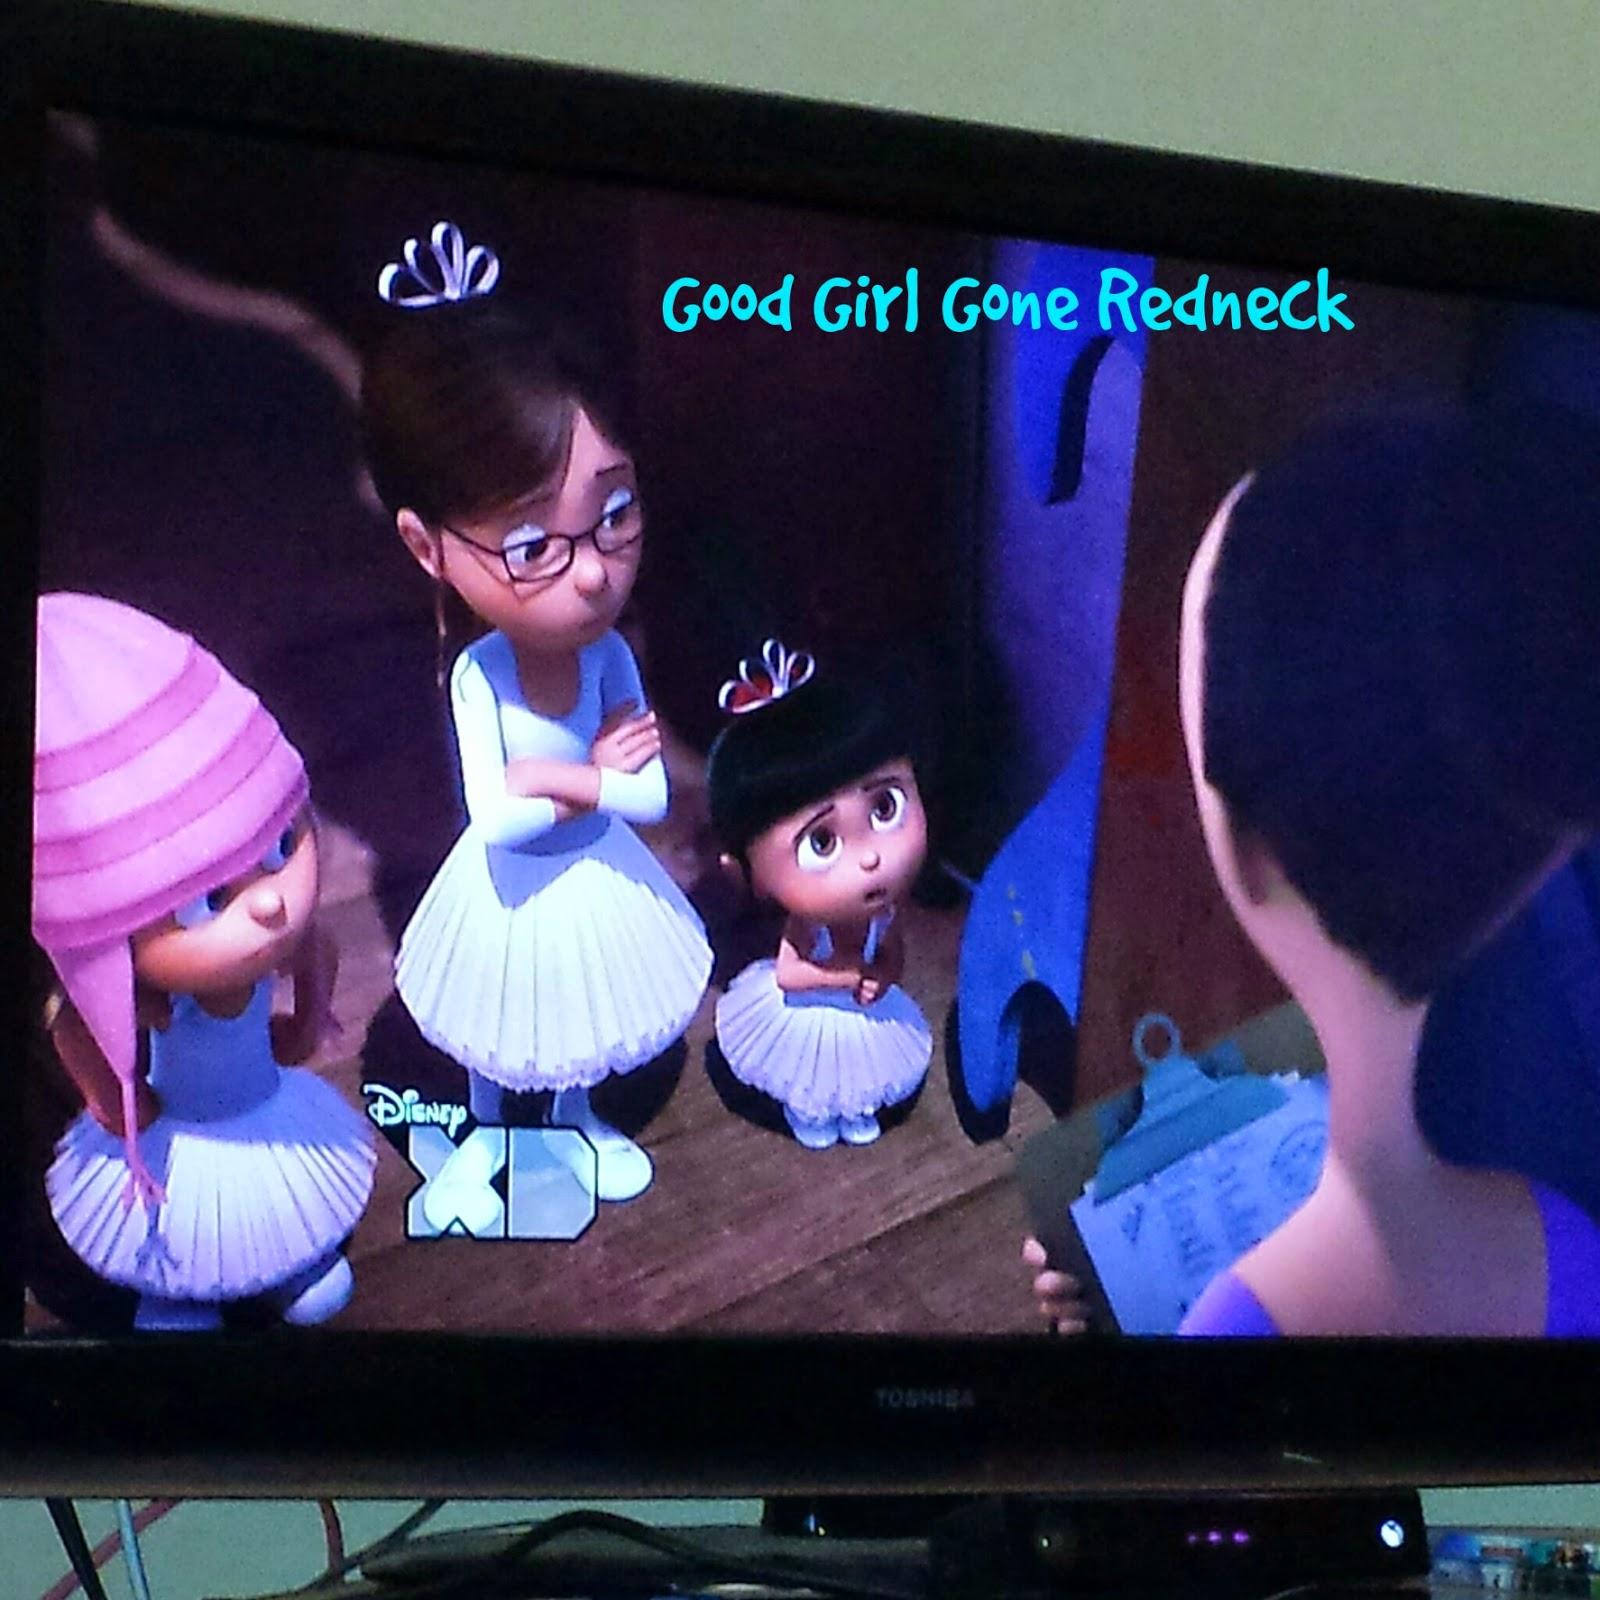 animated, movies, snacking, family movie night, fun